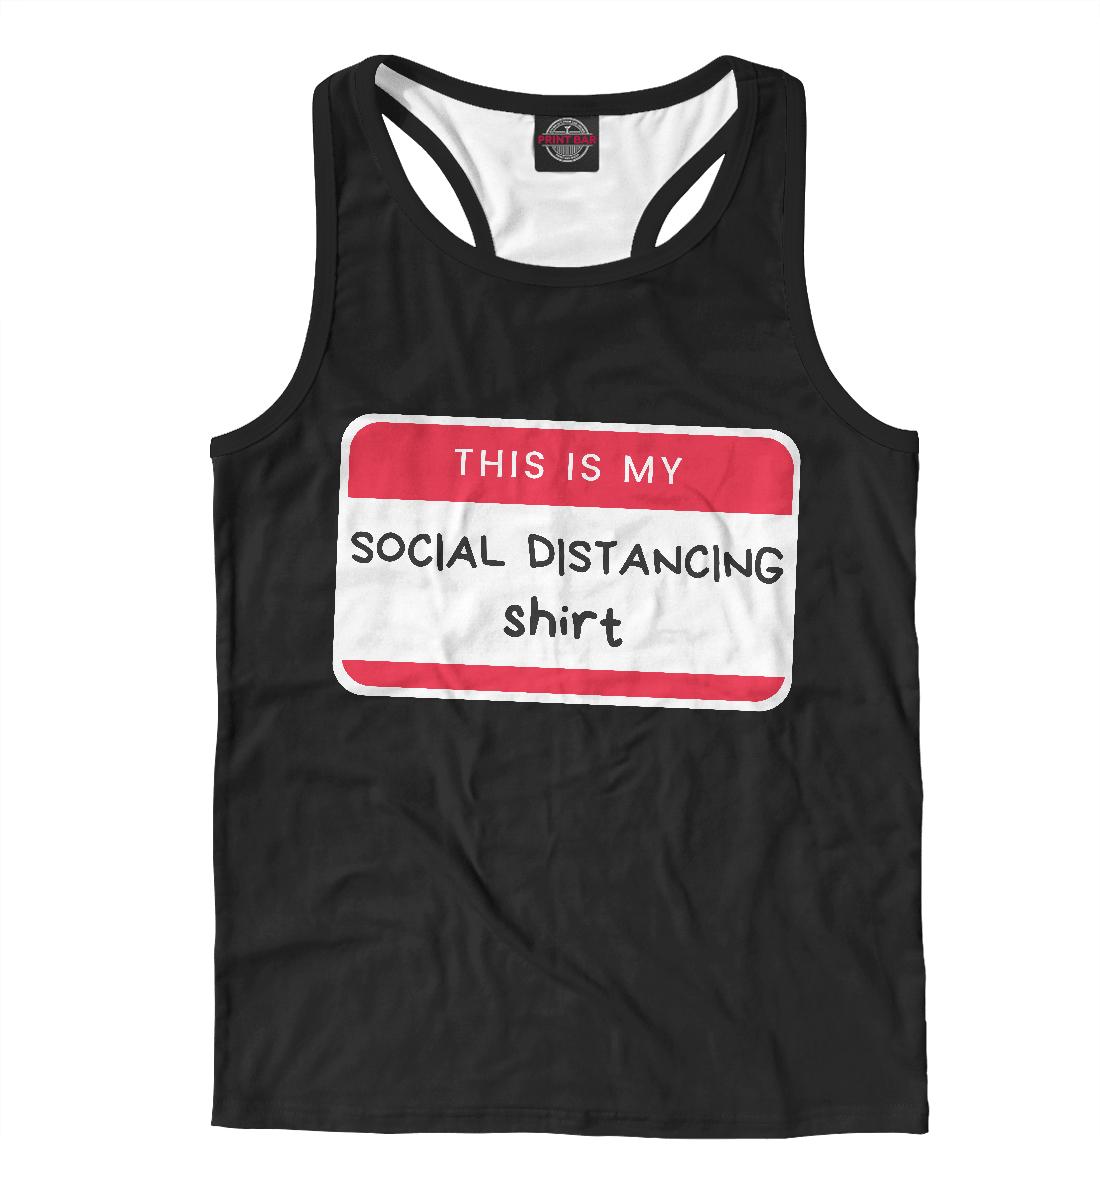 Одежда социальной дистанции